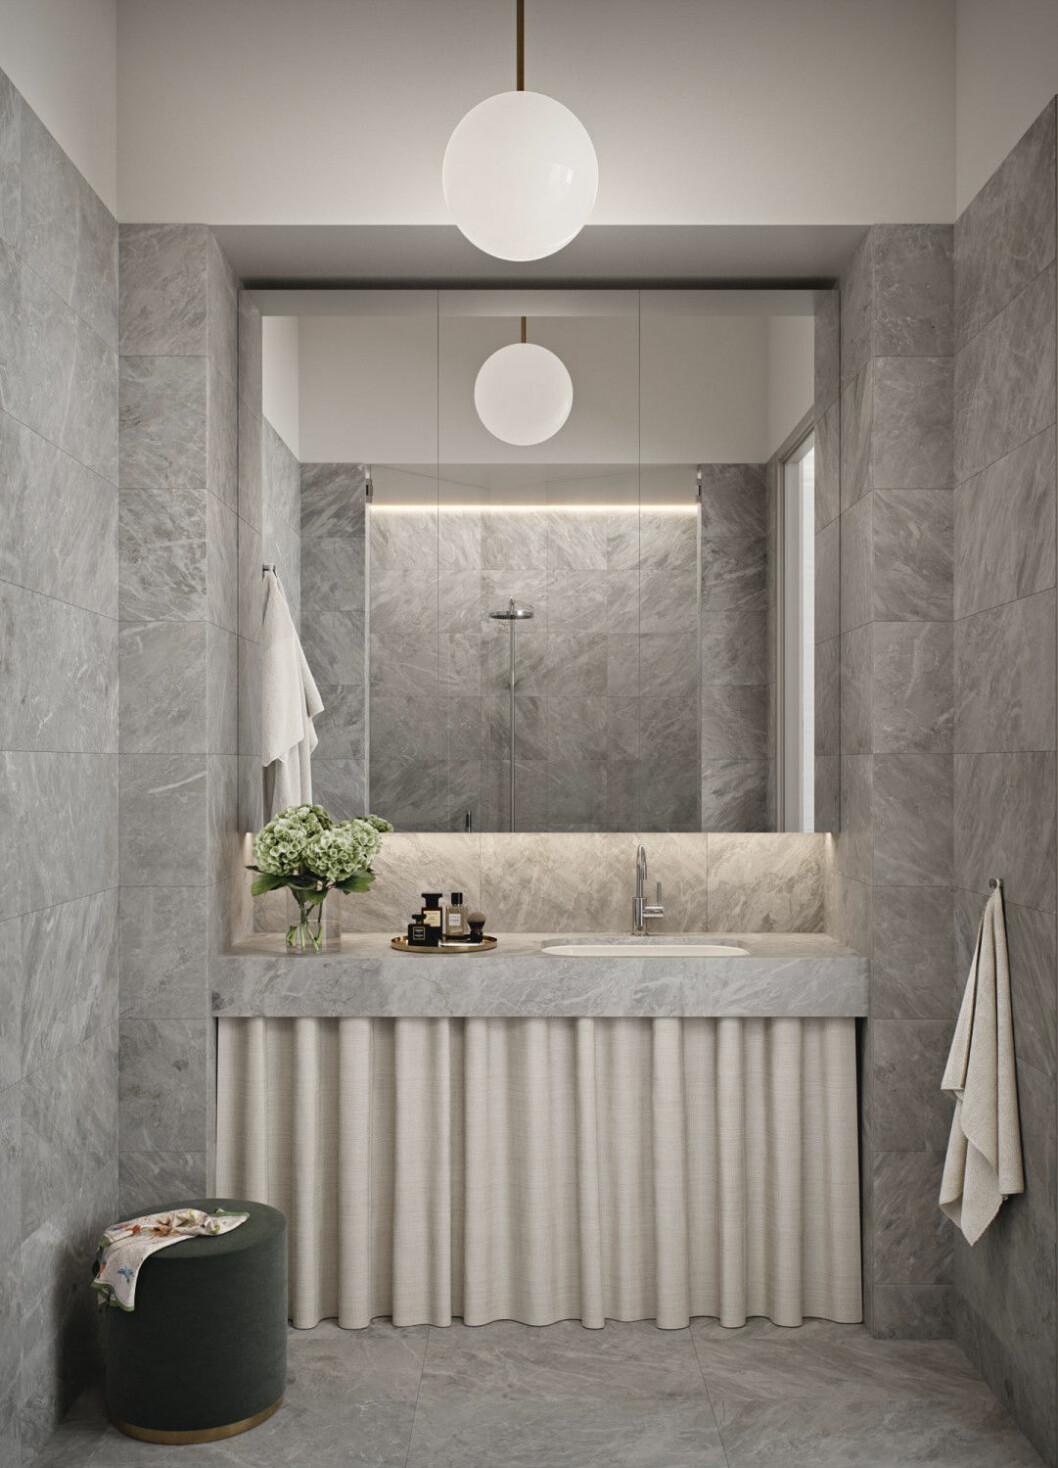 Materialer i badrummen är genomgående ljusgrå marmor med inspiration från en av Tony Craggs stenskulpturer i serien Lost in thought.